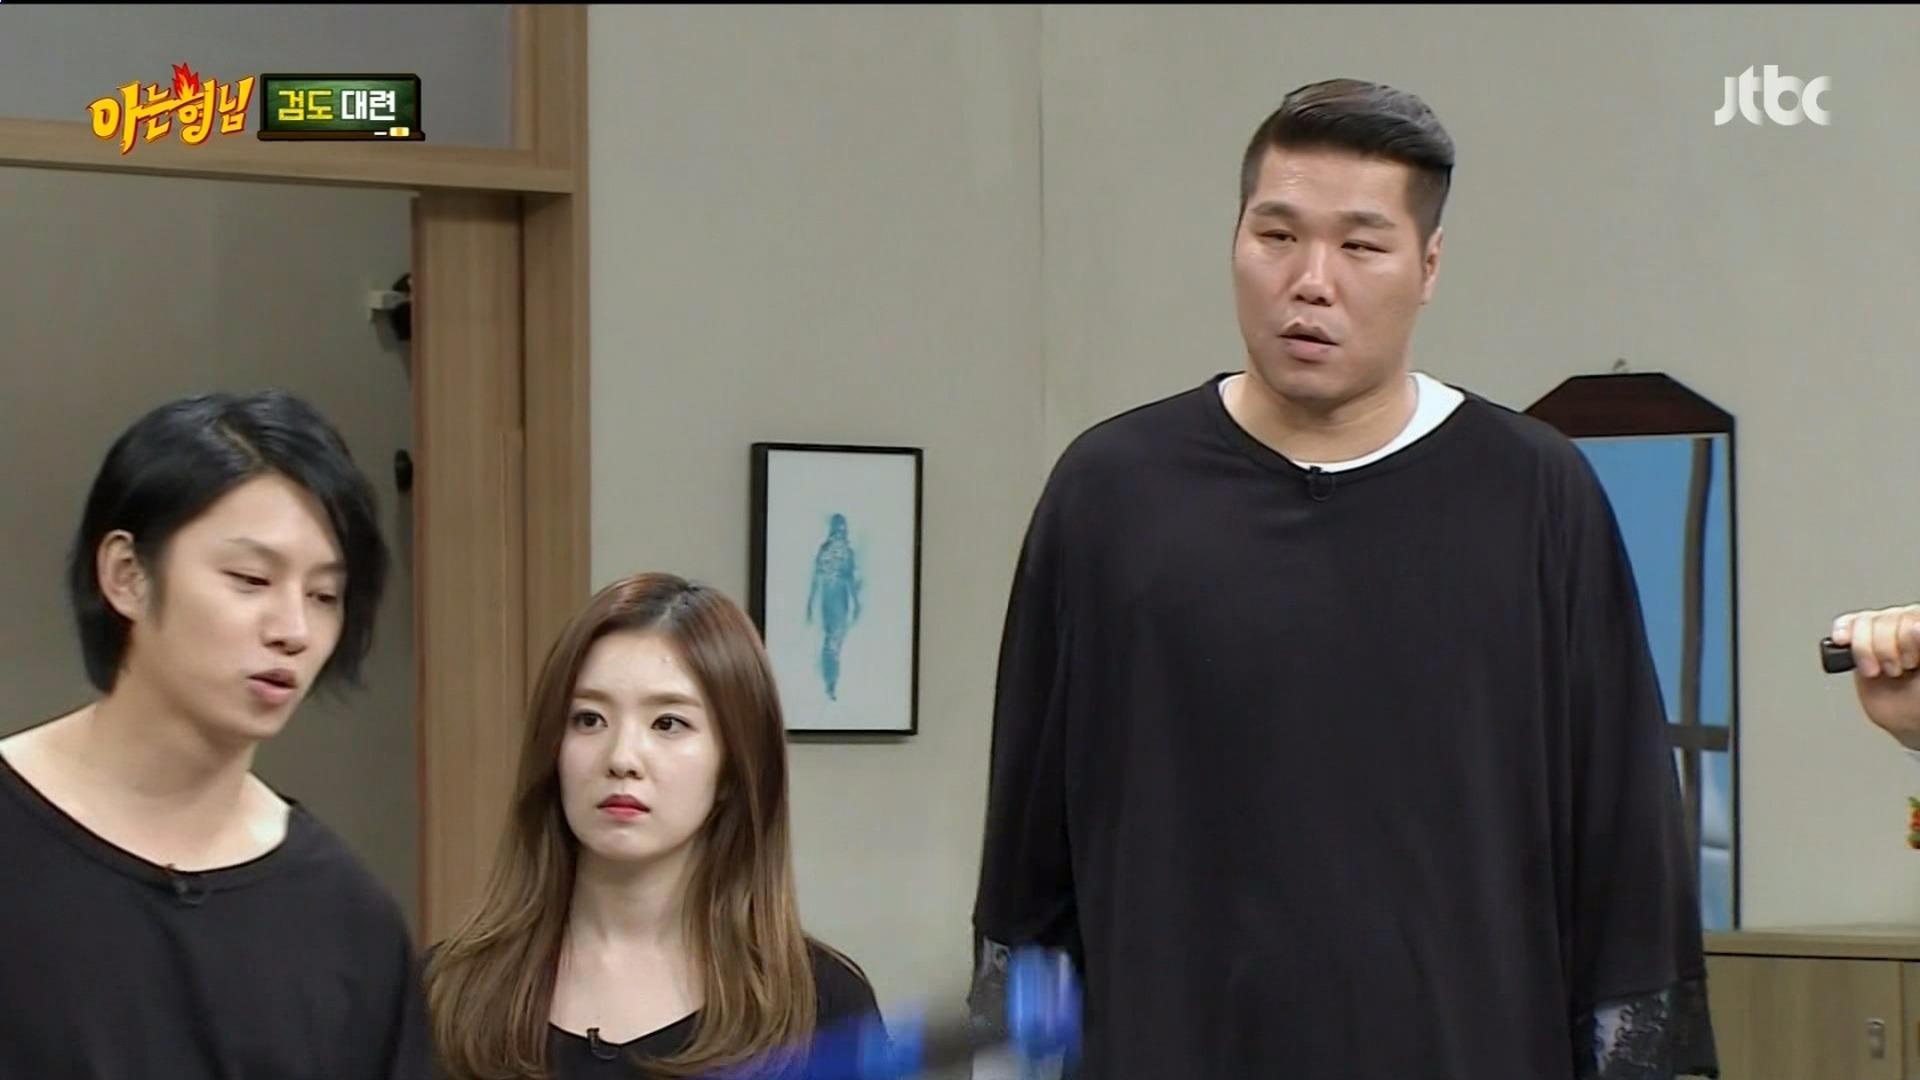 站在有207公分的藝人徐章勳旁邊,只拍得到上半身的Irene更是瞬間有來到巨人國的感覺